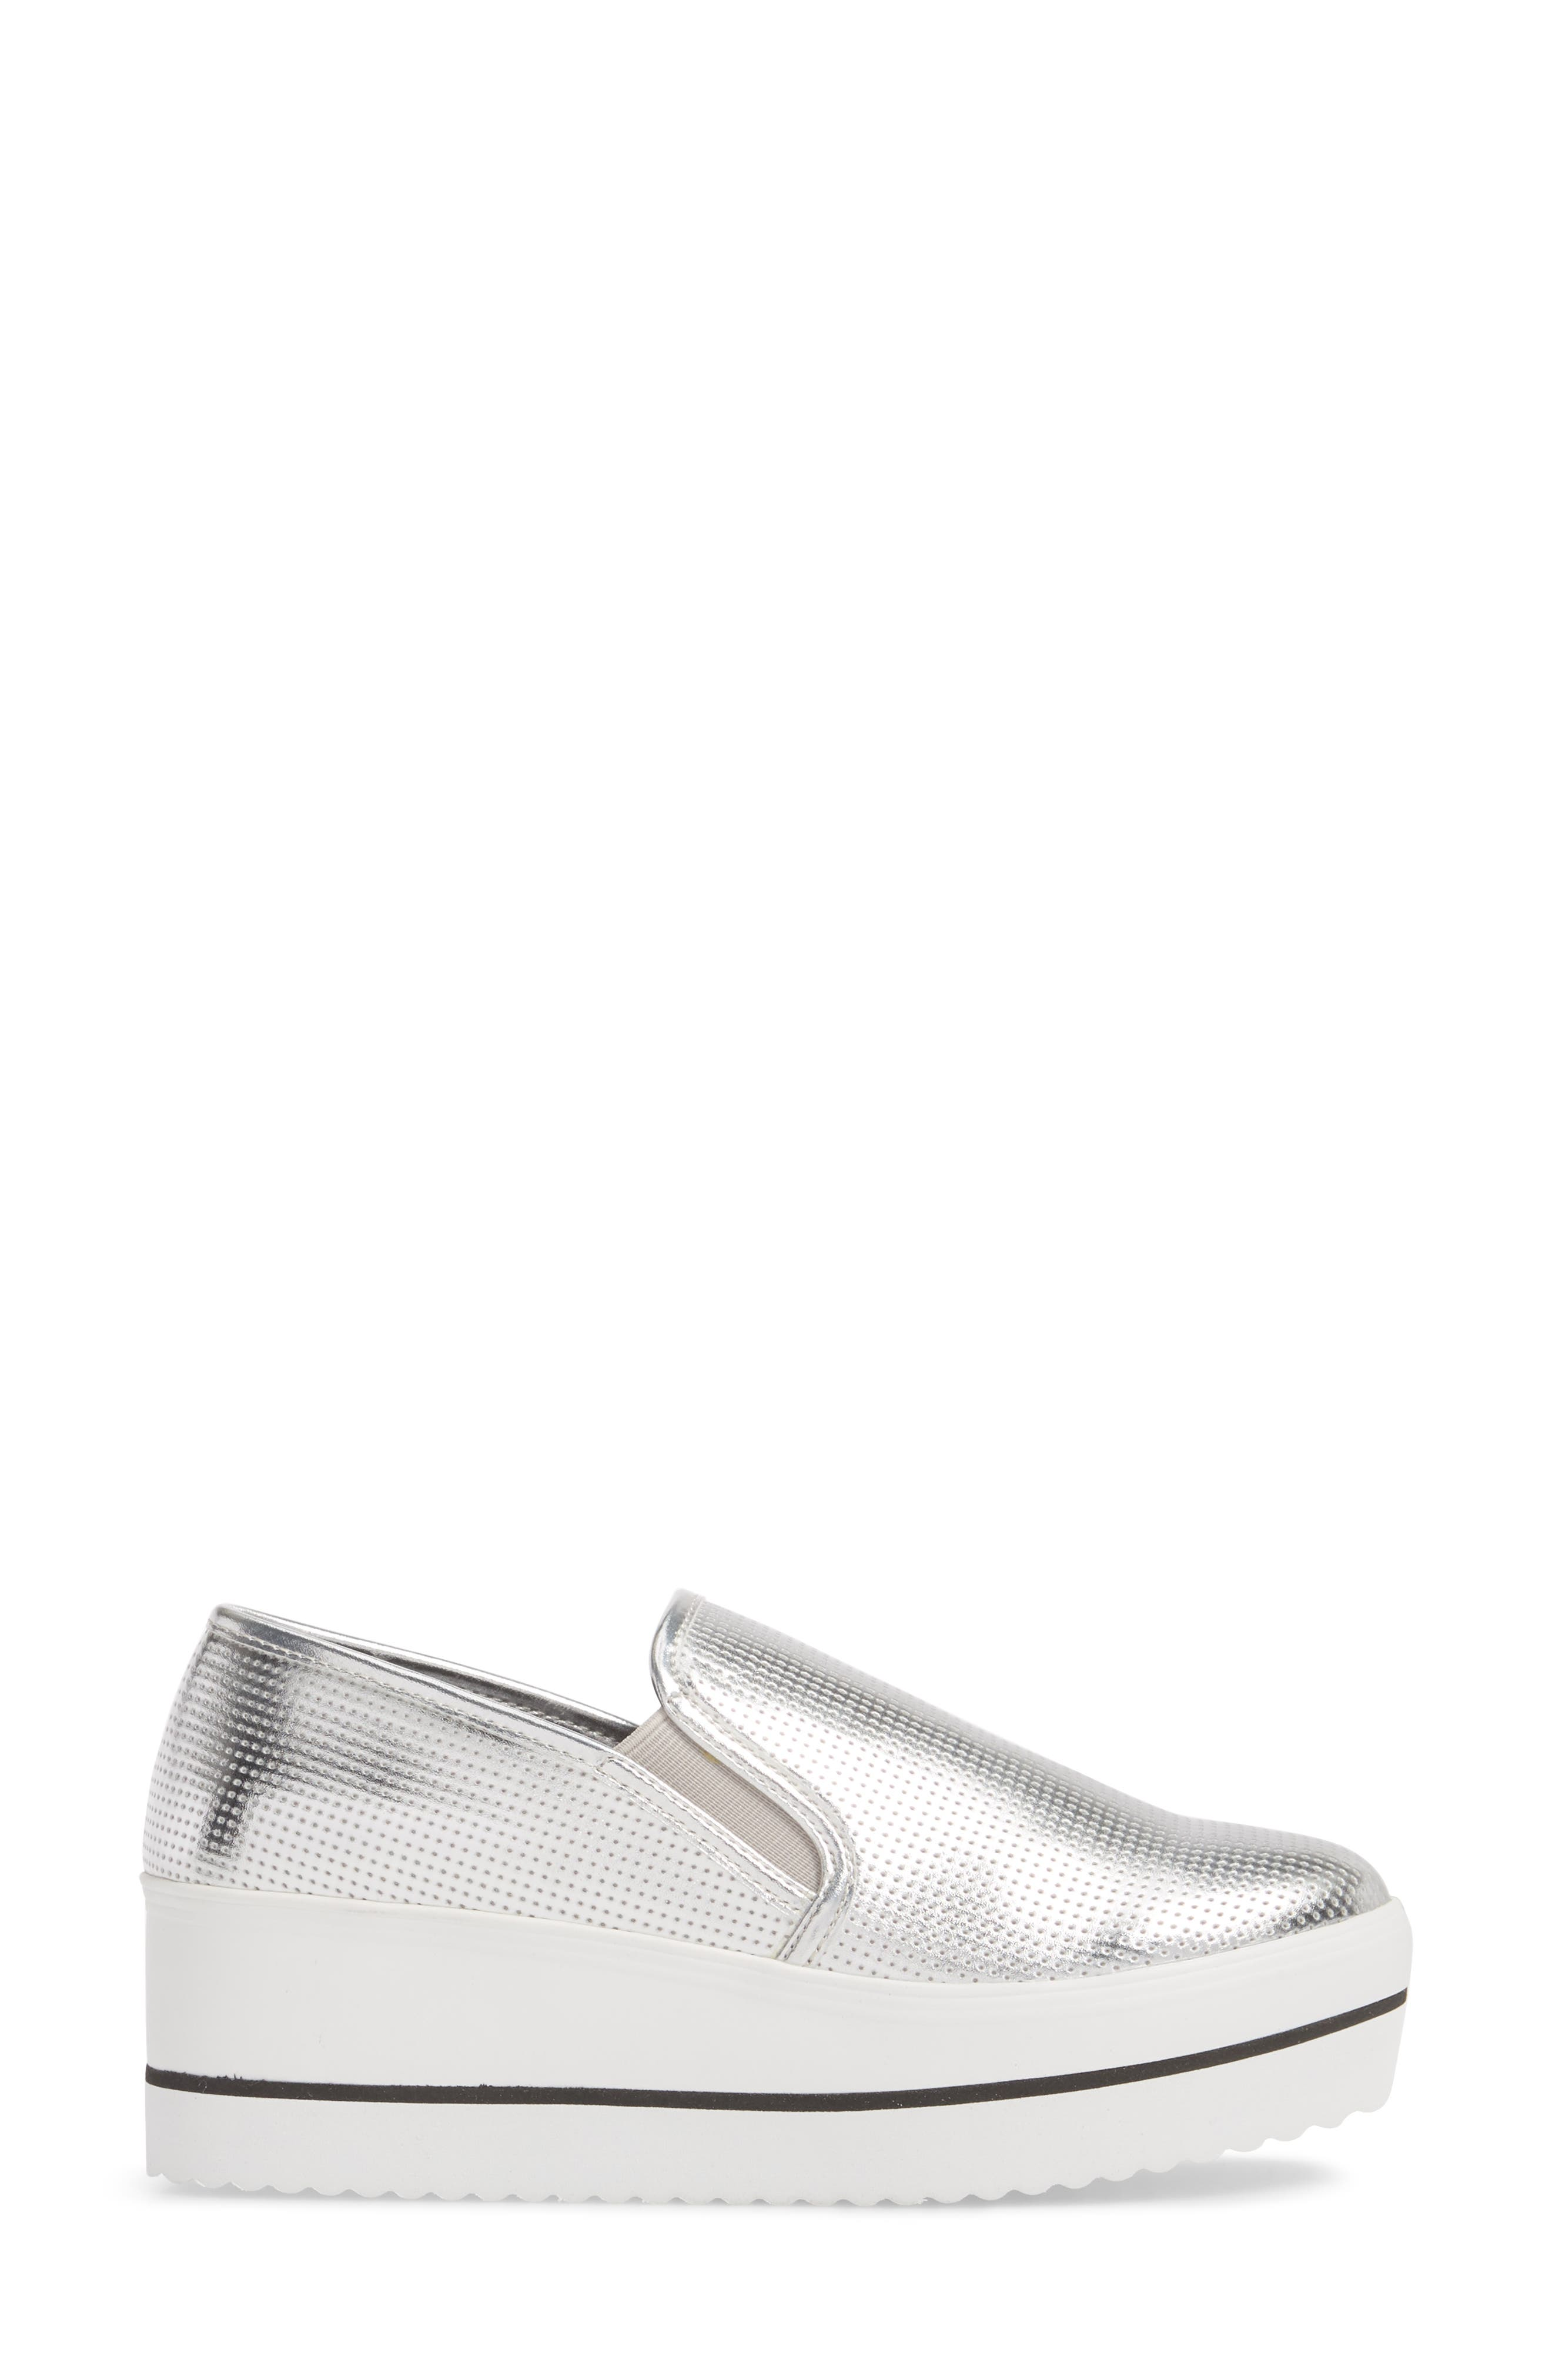 Becca Slip-On Sneaker,                             Alternate thumbnail 3, color,                             SILVER